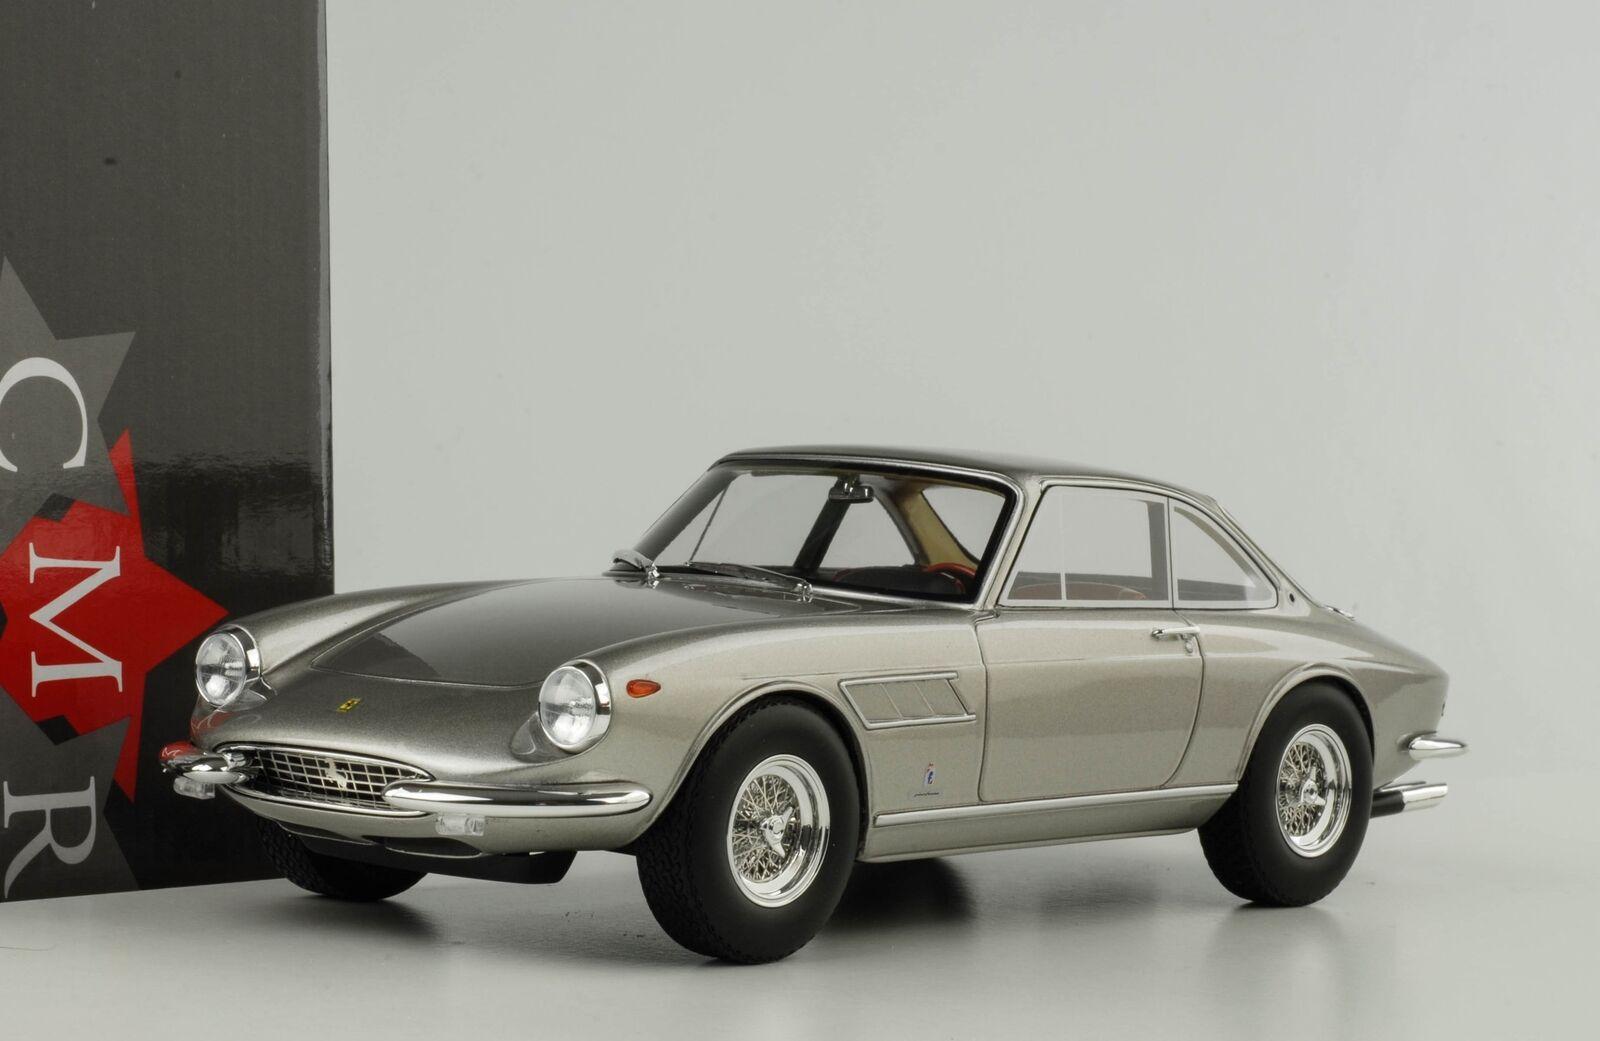 Ferrari 330 GTC 1966 1968 argent 1 18 CMR resin